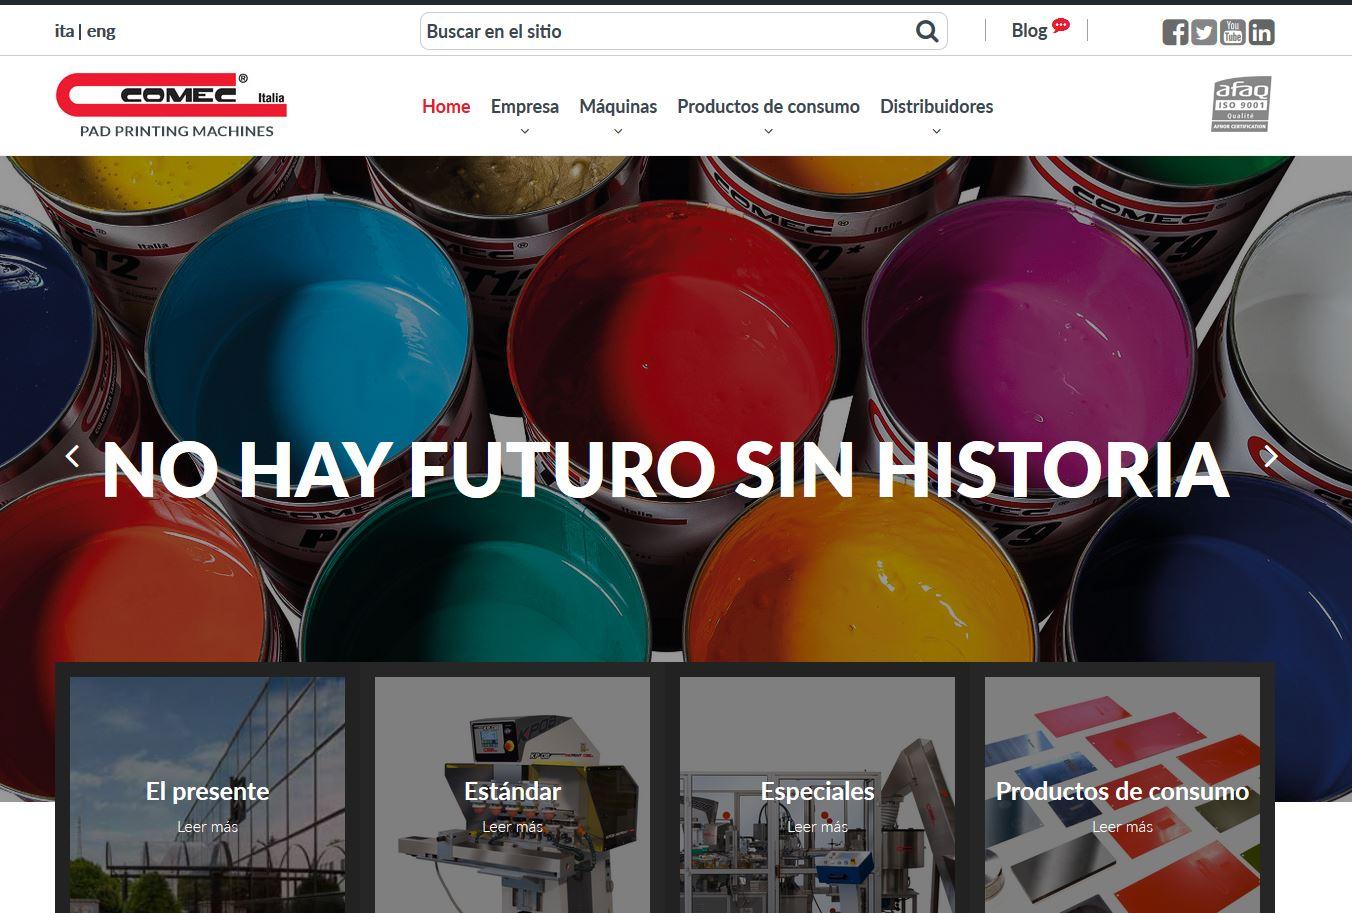 Cattura_spagnolo